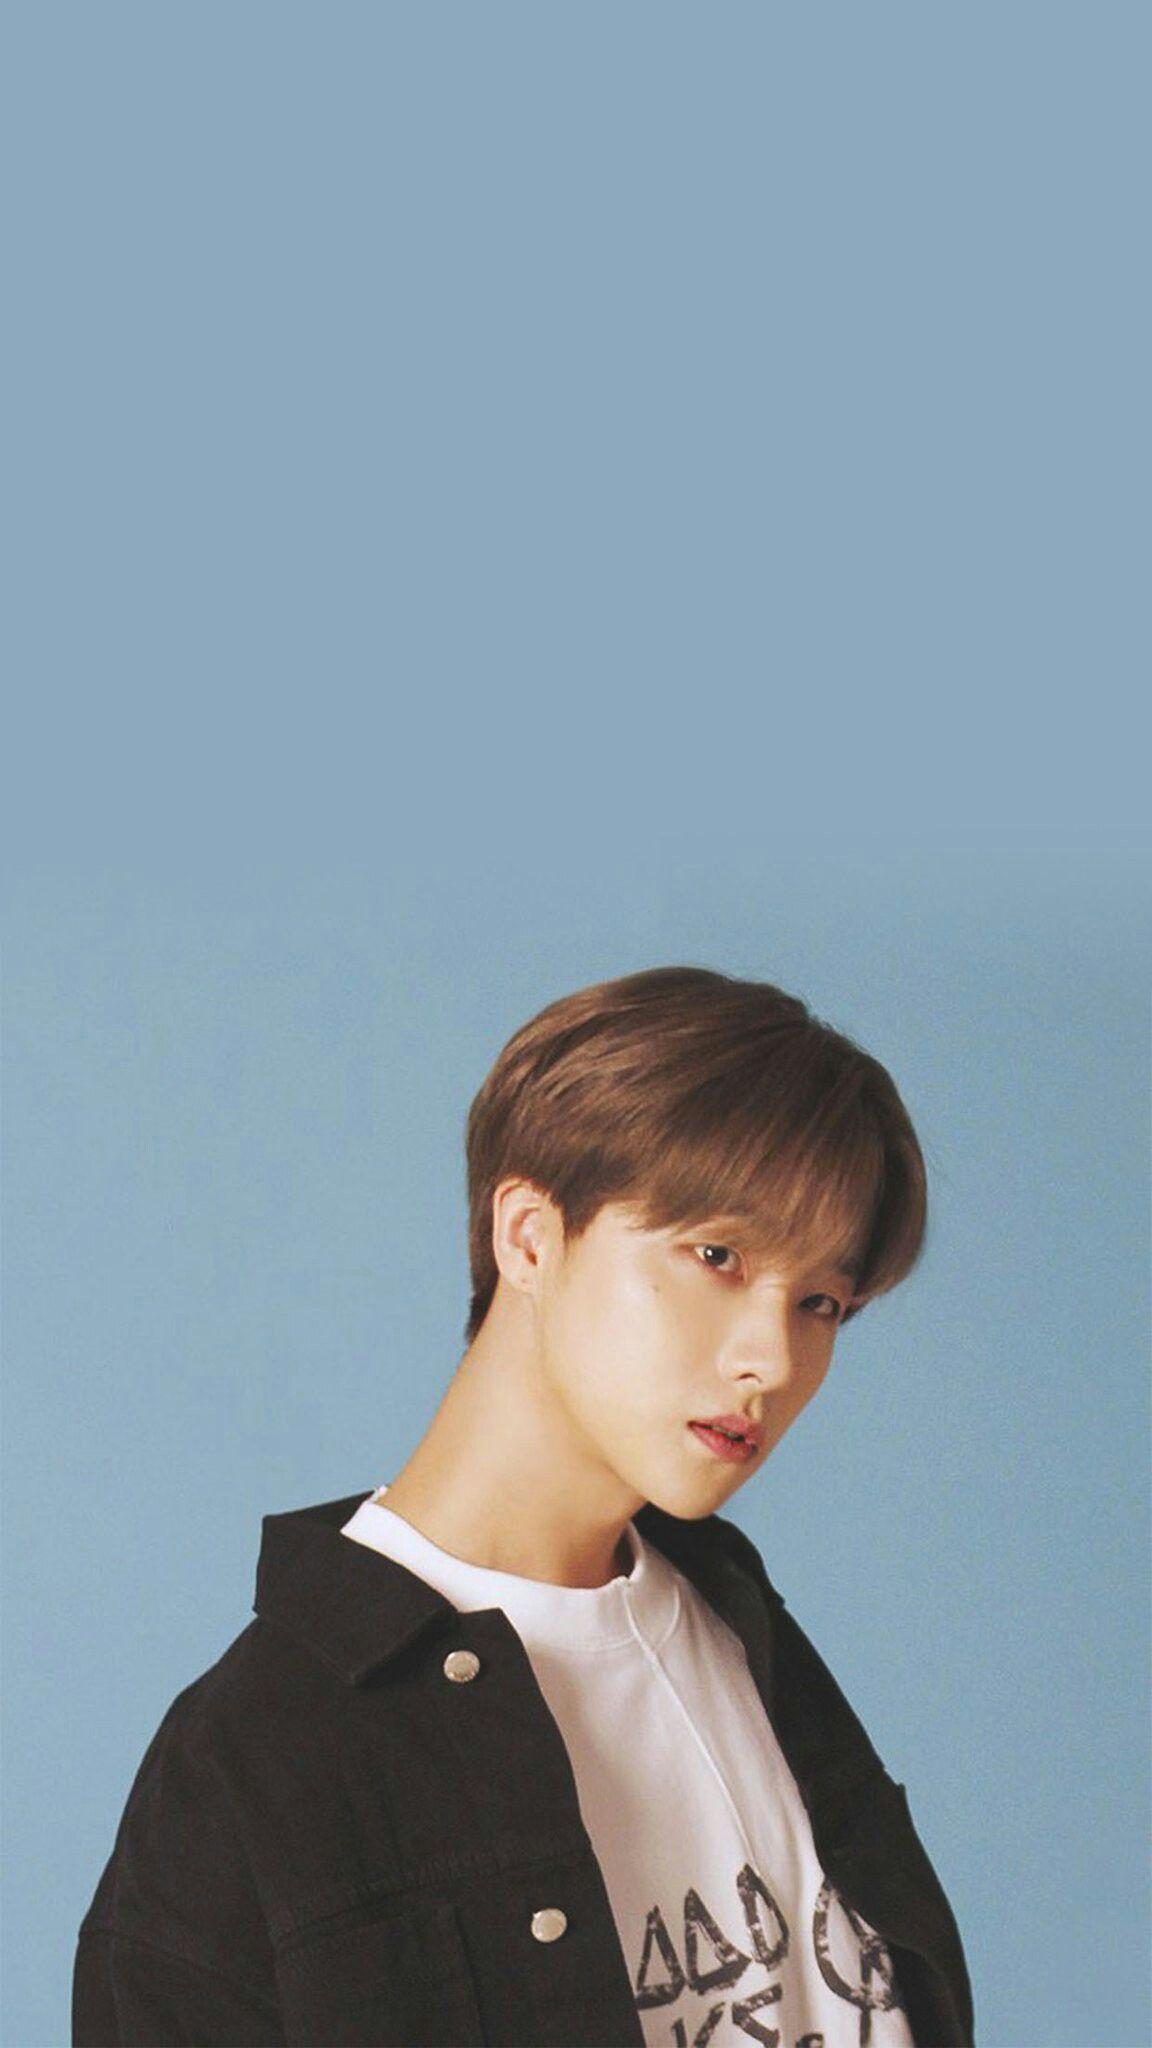 Pin Oleh Ikonic Ikon Di Ikon Jinhwan ㅡ Wallpaper Selebritas Entertainment Bobby